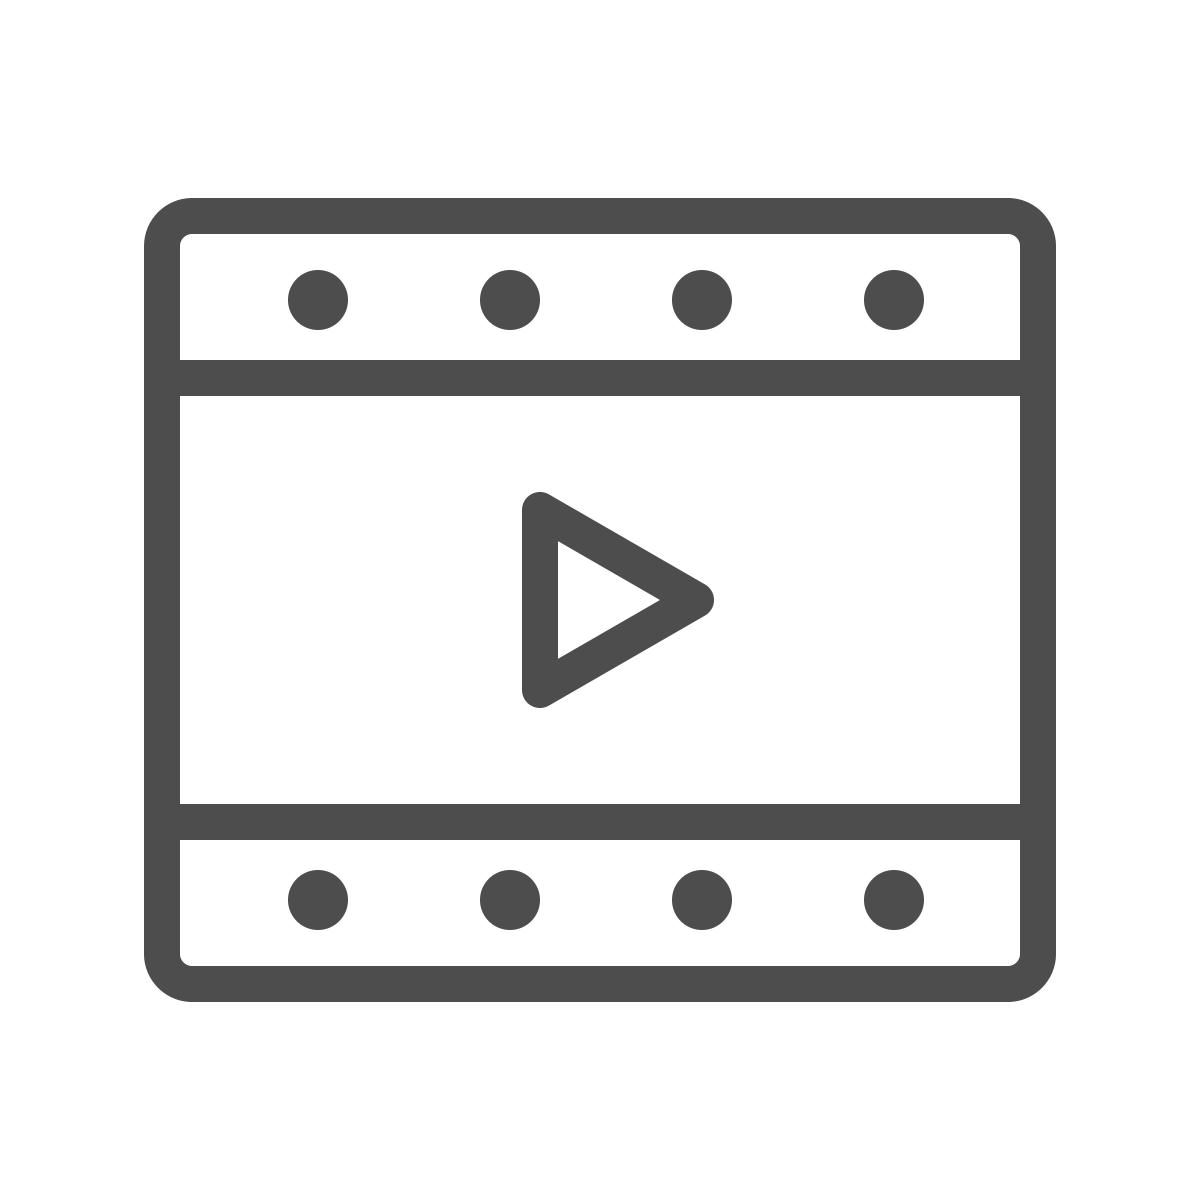 noun_Video_1474605_4D4D4D